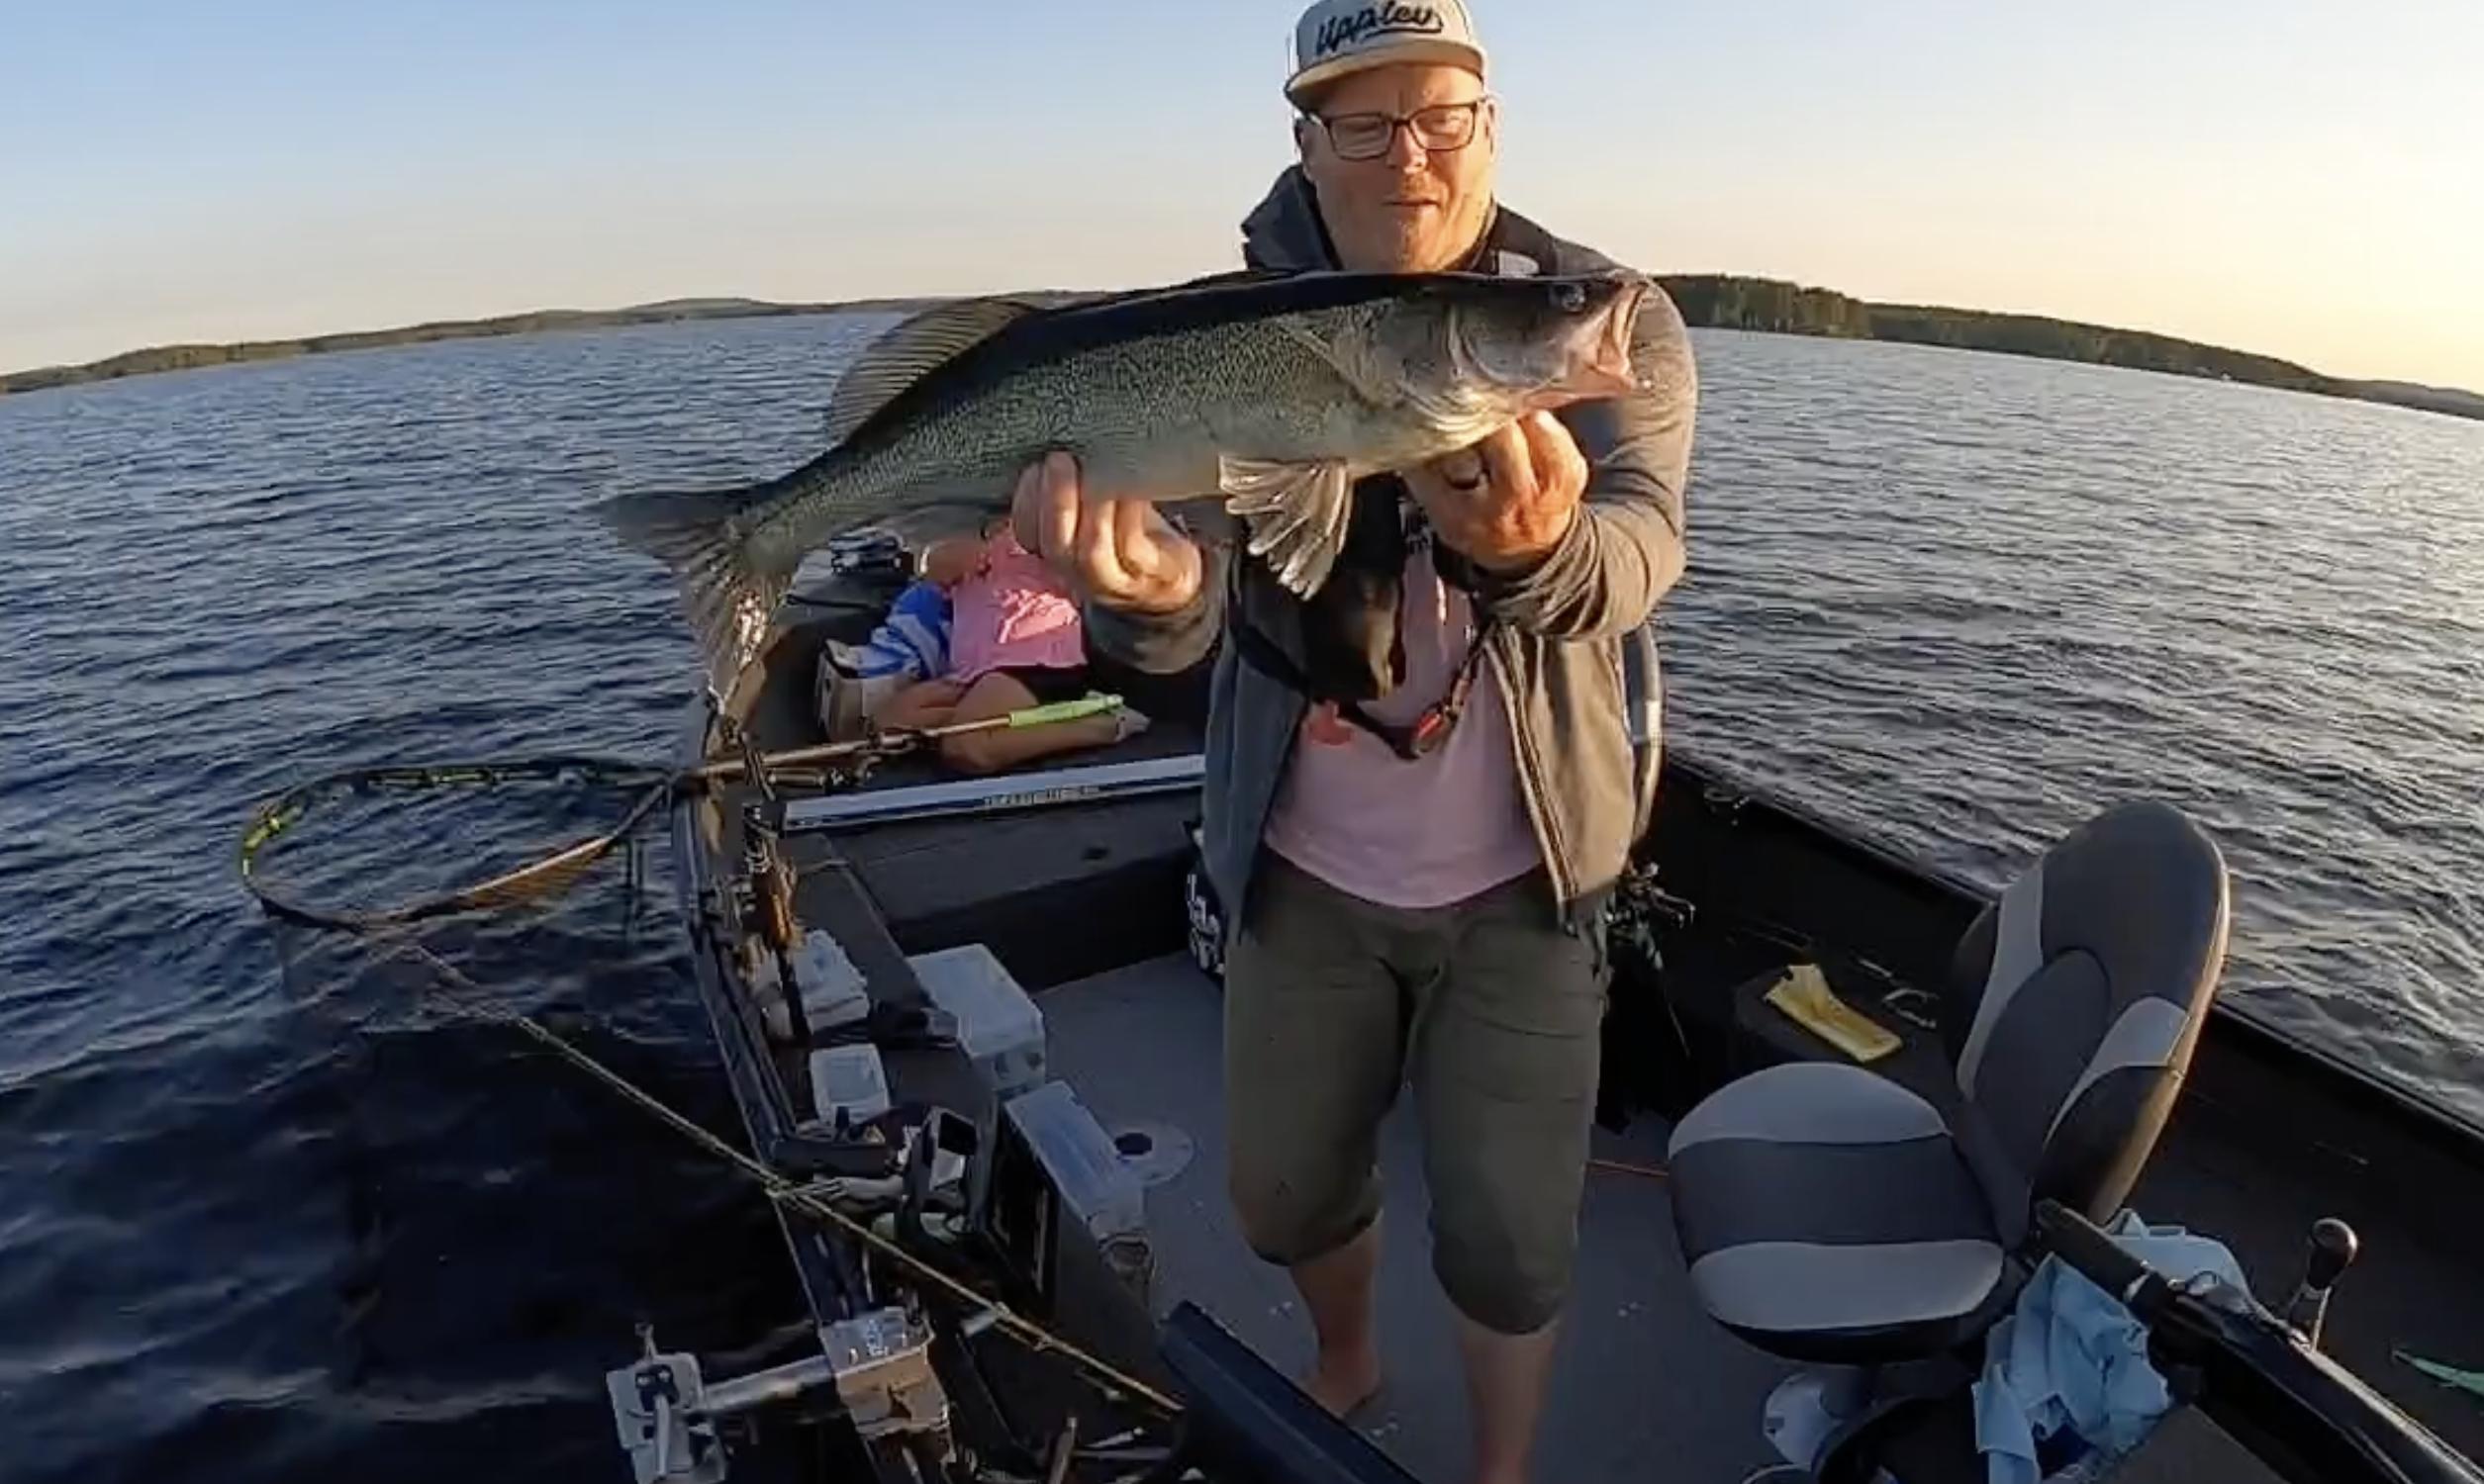 Live on Runn with Fishingstars_Sweden on DVR 2021-07-23 20:30:25